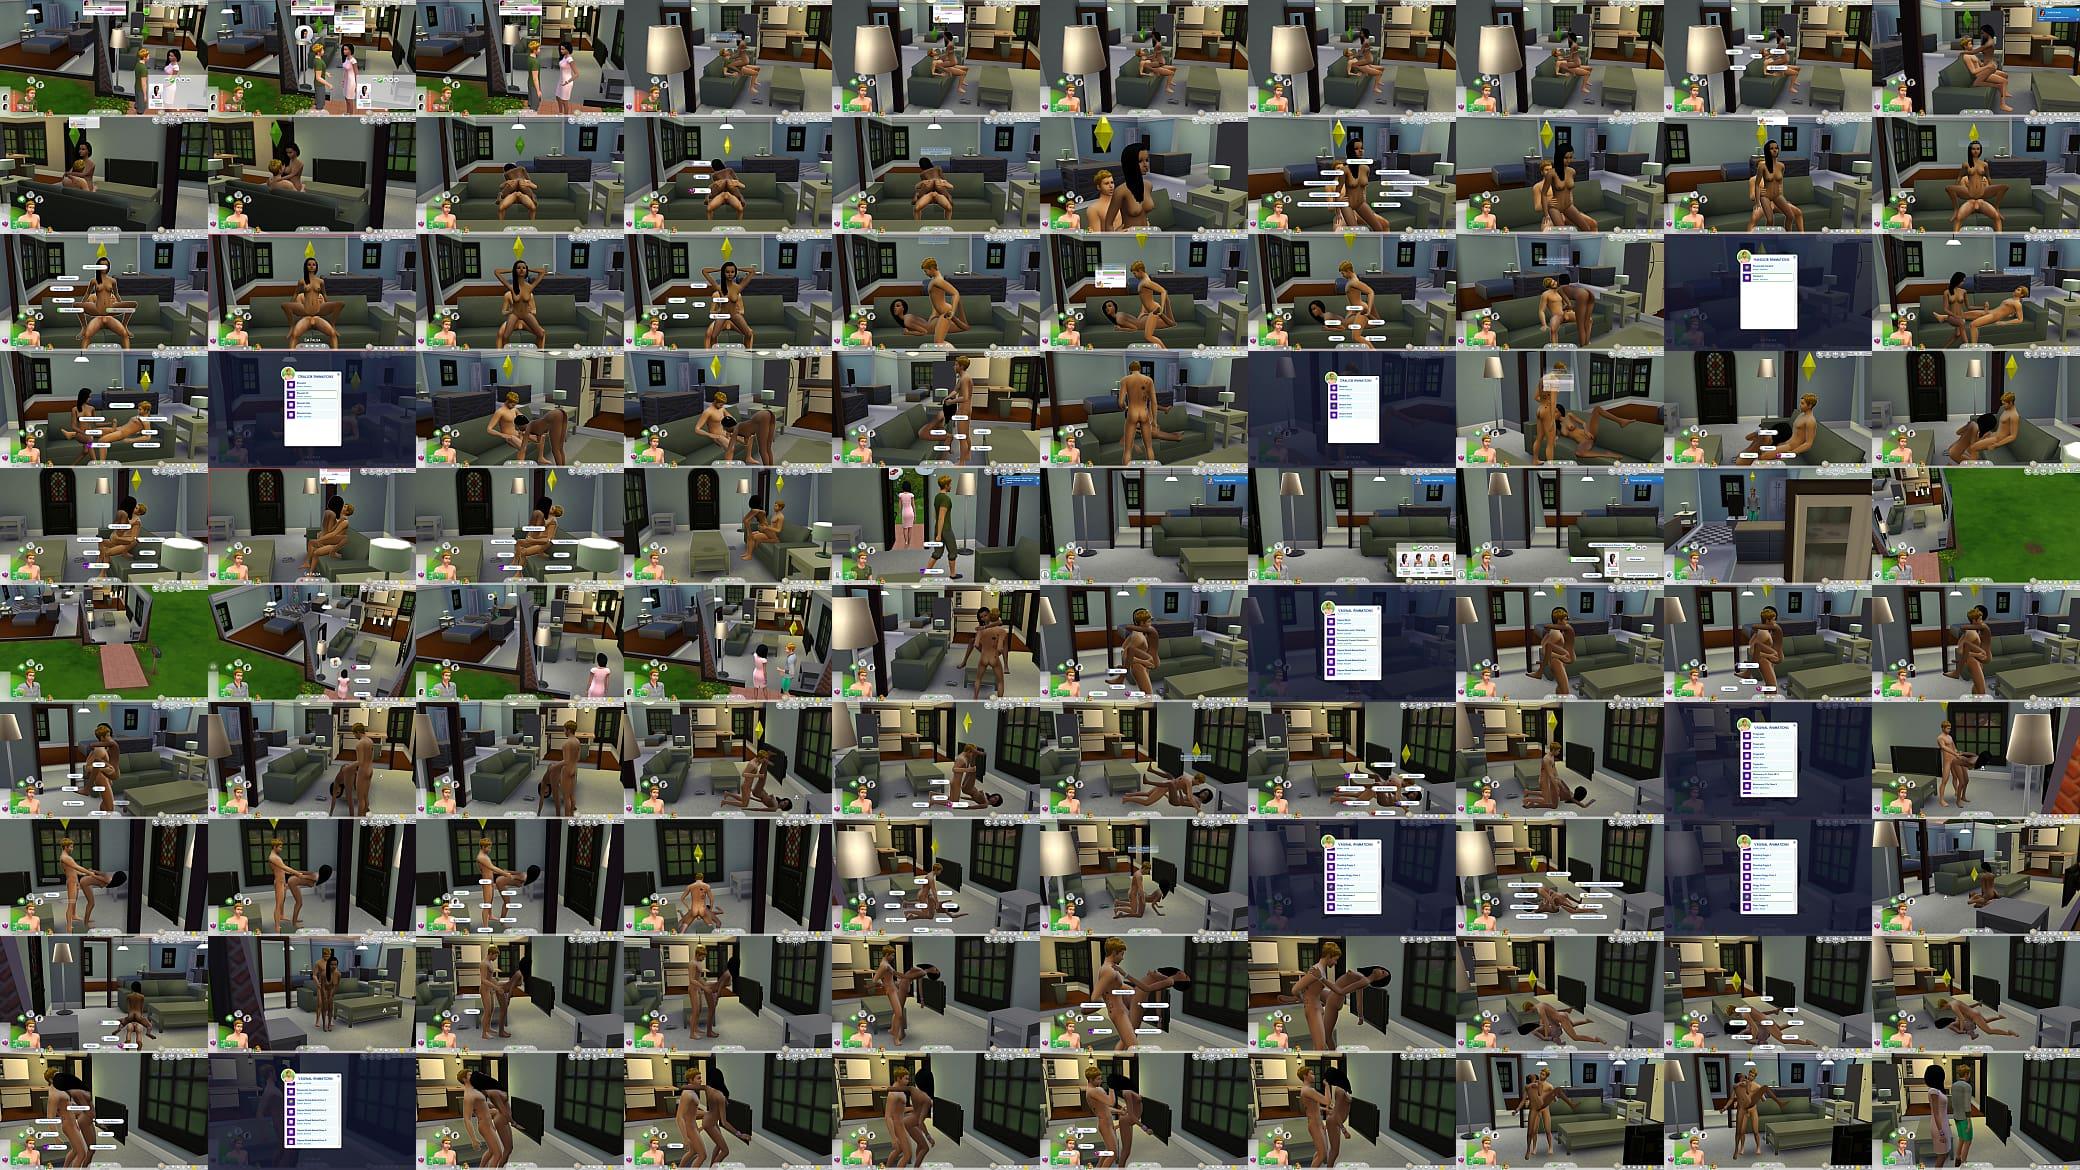 Actrices Porno Los Sims4 the sims 4 a vida do wss com muito sexo venham ver vcs vam